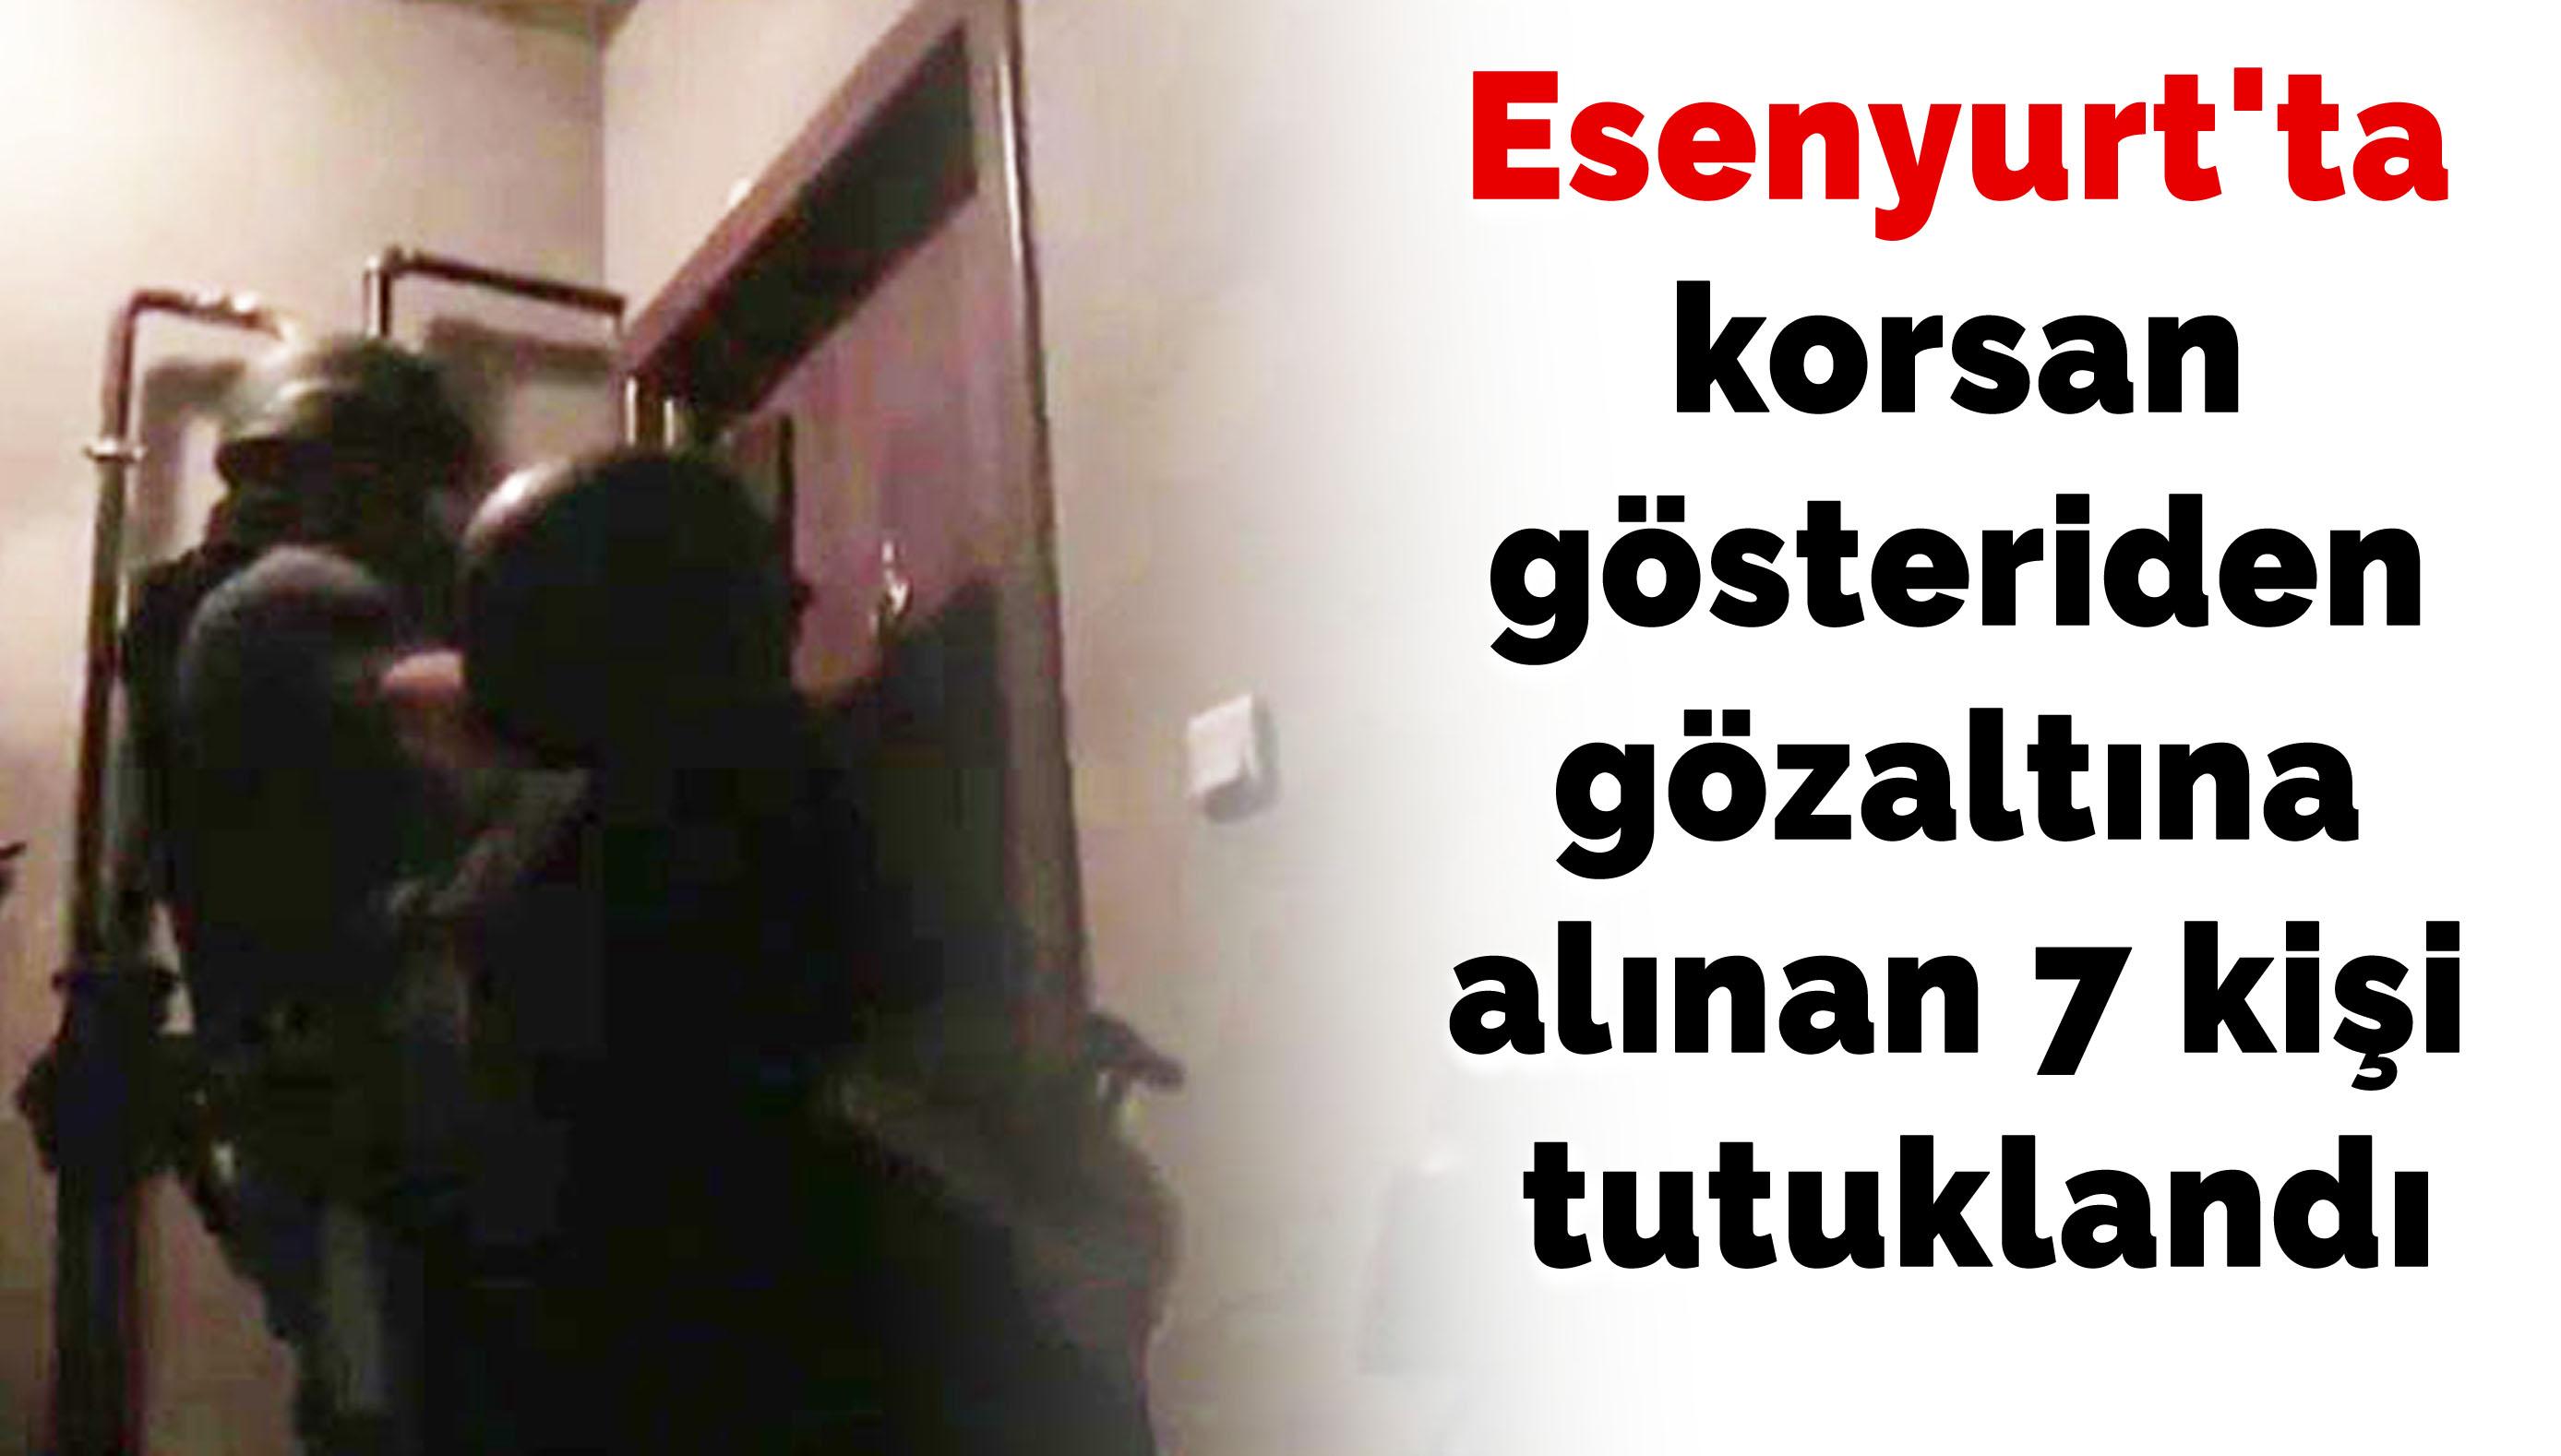 Esenyurt'ta korsan gösteriden gözaltına alınan 7 kişi tutuklandı